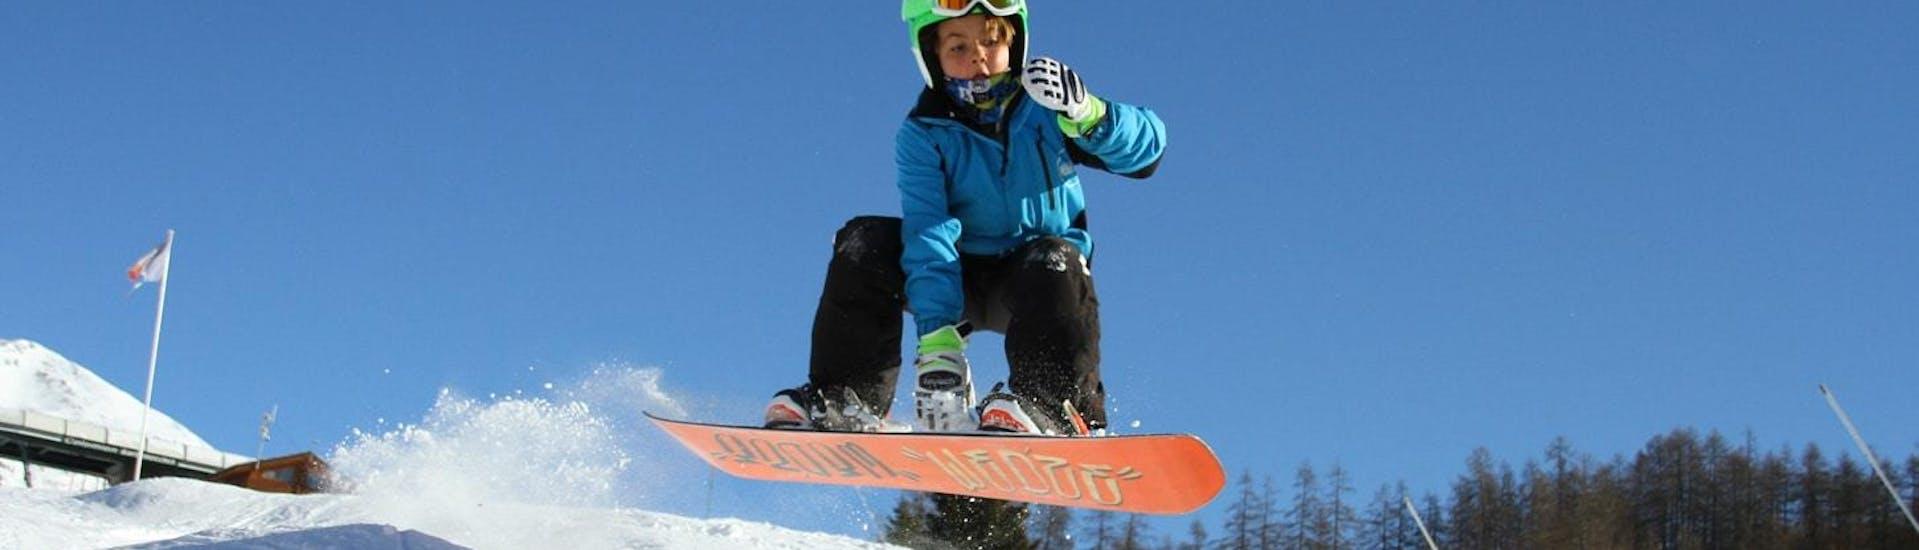 Un jeune snowboardeur tente de nouvelles techniques de freestyle pendant son Cours de snowboard pour Enfants (5-14ans) - Haute-Saison à l'école de ski Scuola di Sci Bardonecchia.